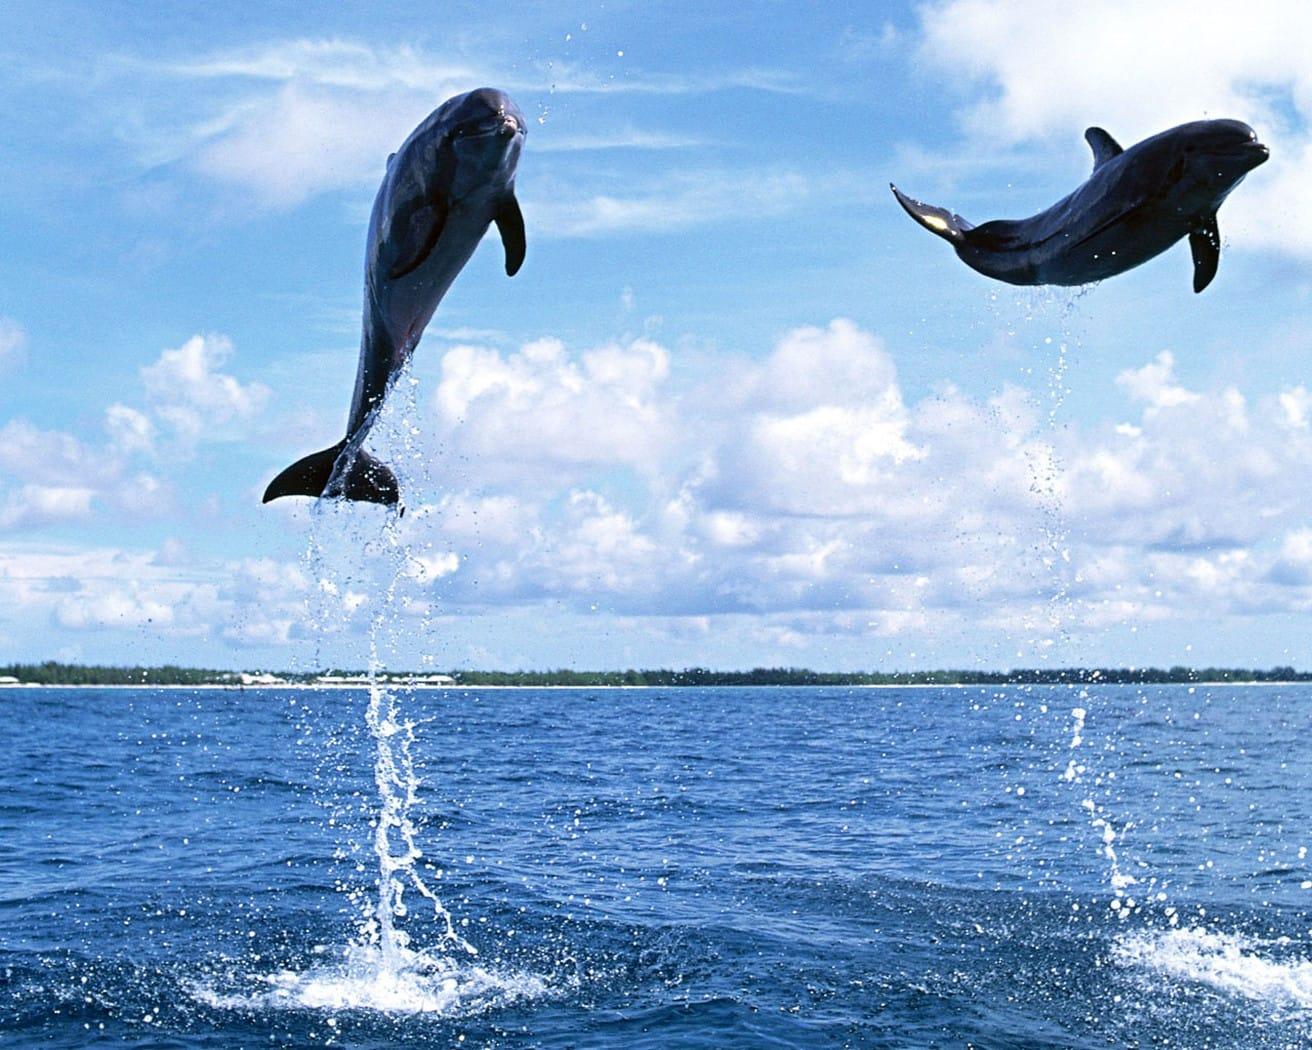 xem cá heo trong chuyến du lịch tự túc đài loan